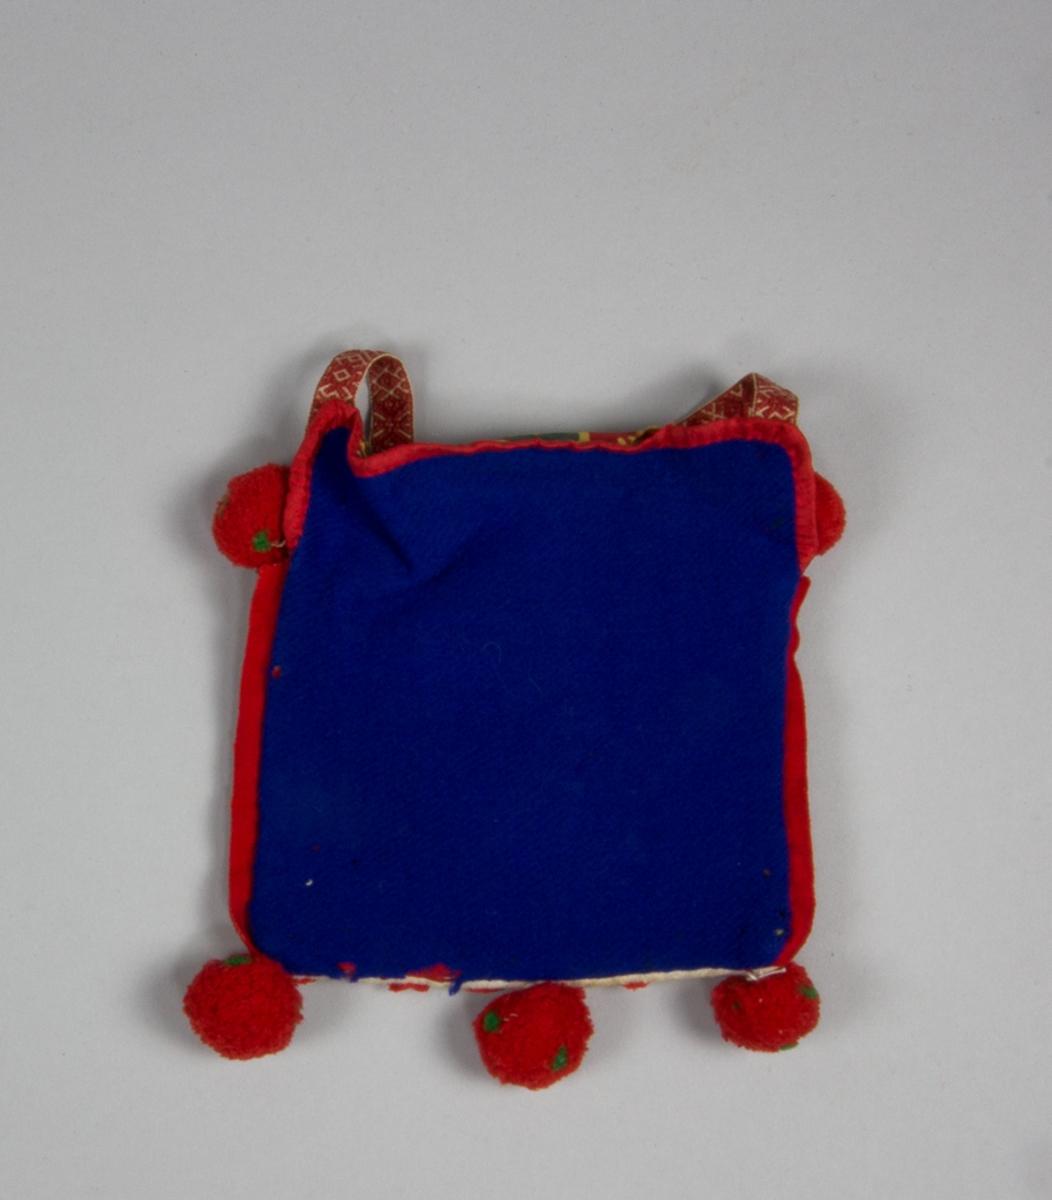 """Kjolsäck inspirerad av dräkt för kvinna från Rättviks socken, Dalarna. Modell med avskuret framstycke. Tillverkad av vitt fabriksvävt bomullstyg, med applikationer av kläde i rött och grönt, fastsydda med maskin och för hand. Centralt placerad hjärtblomma med mindre hjärtan och rundlar på sidorna. Broderi utfört med bomullsgarn i flera färger med sticksöm. Ovanför applikationen en smal remsa av rött kläde och ovanför den resterna av en """"grind"""" flätad av smala remsor vitt skinn och rött och grönt ullgarn. Kantning upptill av rött konstsilkeband, liksom på överstycket. En remsa rött kläde inlagd i sido- och bottensömmen. I bottensömmen sitter också tre bollar av huvudsakligen rött ullgarn. Foder och överstycke av bomullstyg med tryckt mönster på röd botten, kattun. Bakstycke av klarblått ylletyg. Axelband handvävt, med plockat mönster av rött ullgarn på vit botten. Vid bandets fästen på överstycket sitter två bollar av rött ullgarn."""